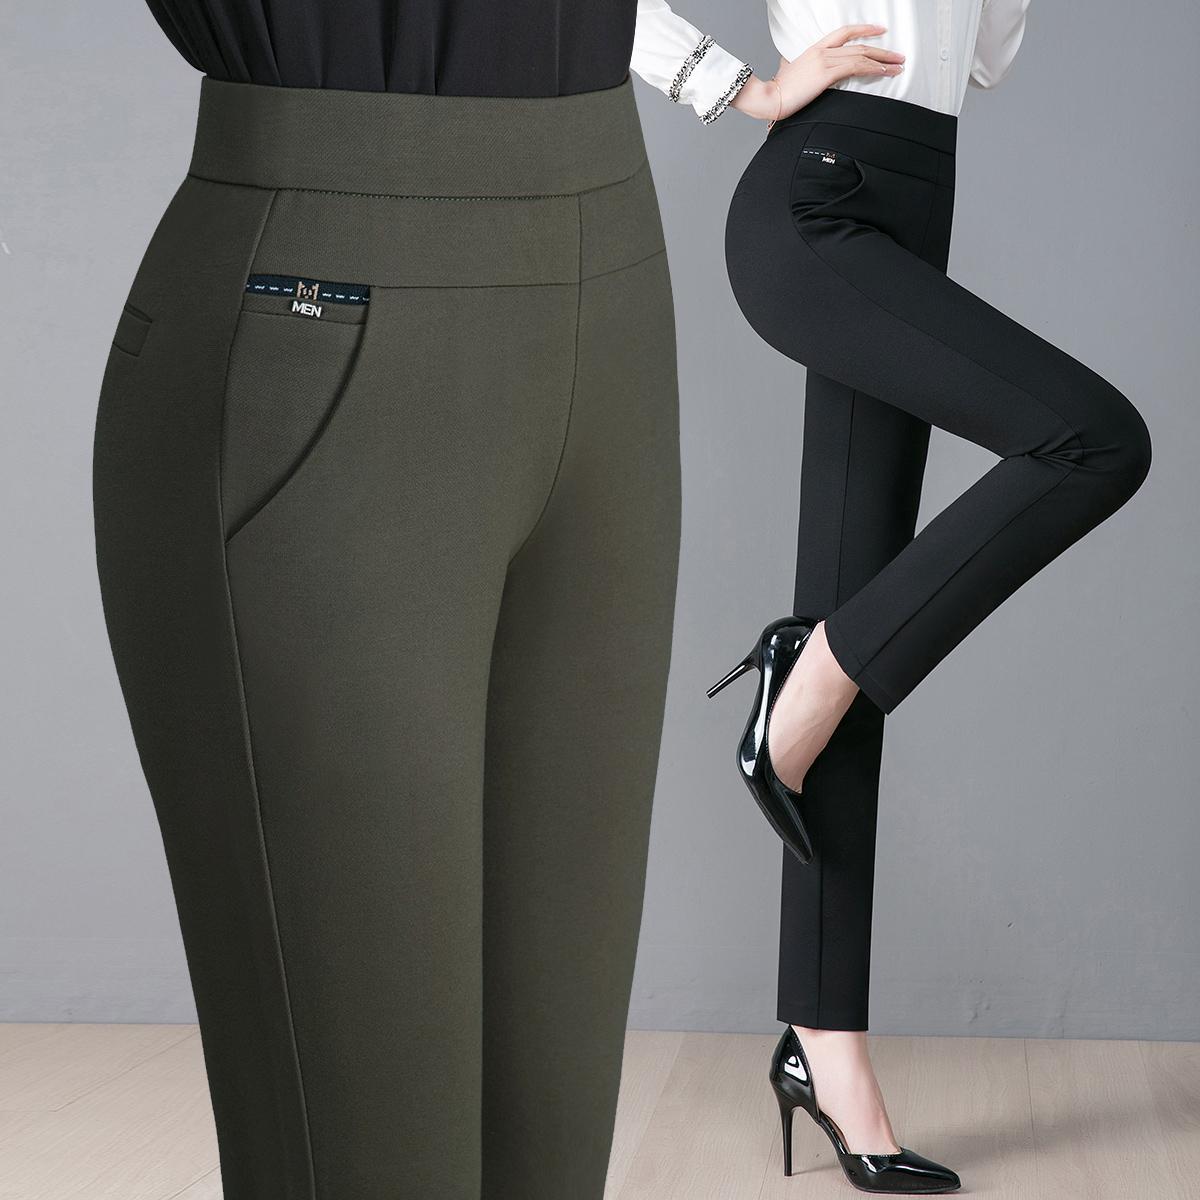 春夏薄款中年女裤四面弹力松紧腰小直筒高腰休闲裤女士加大码长裤